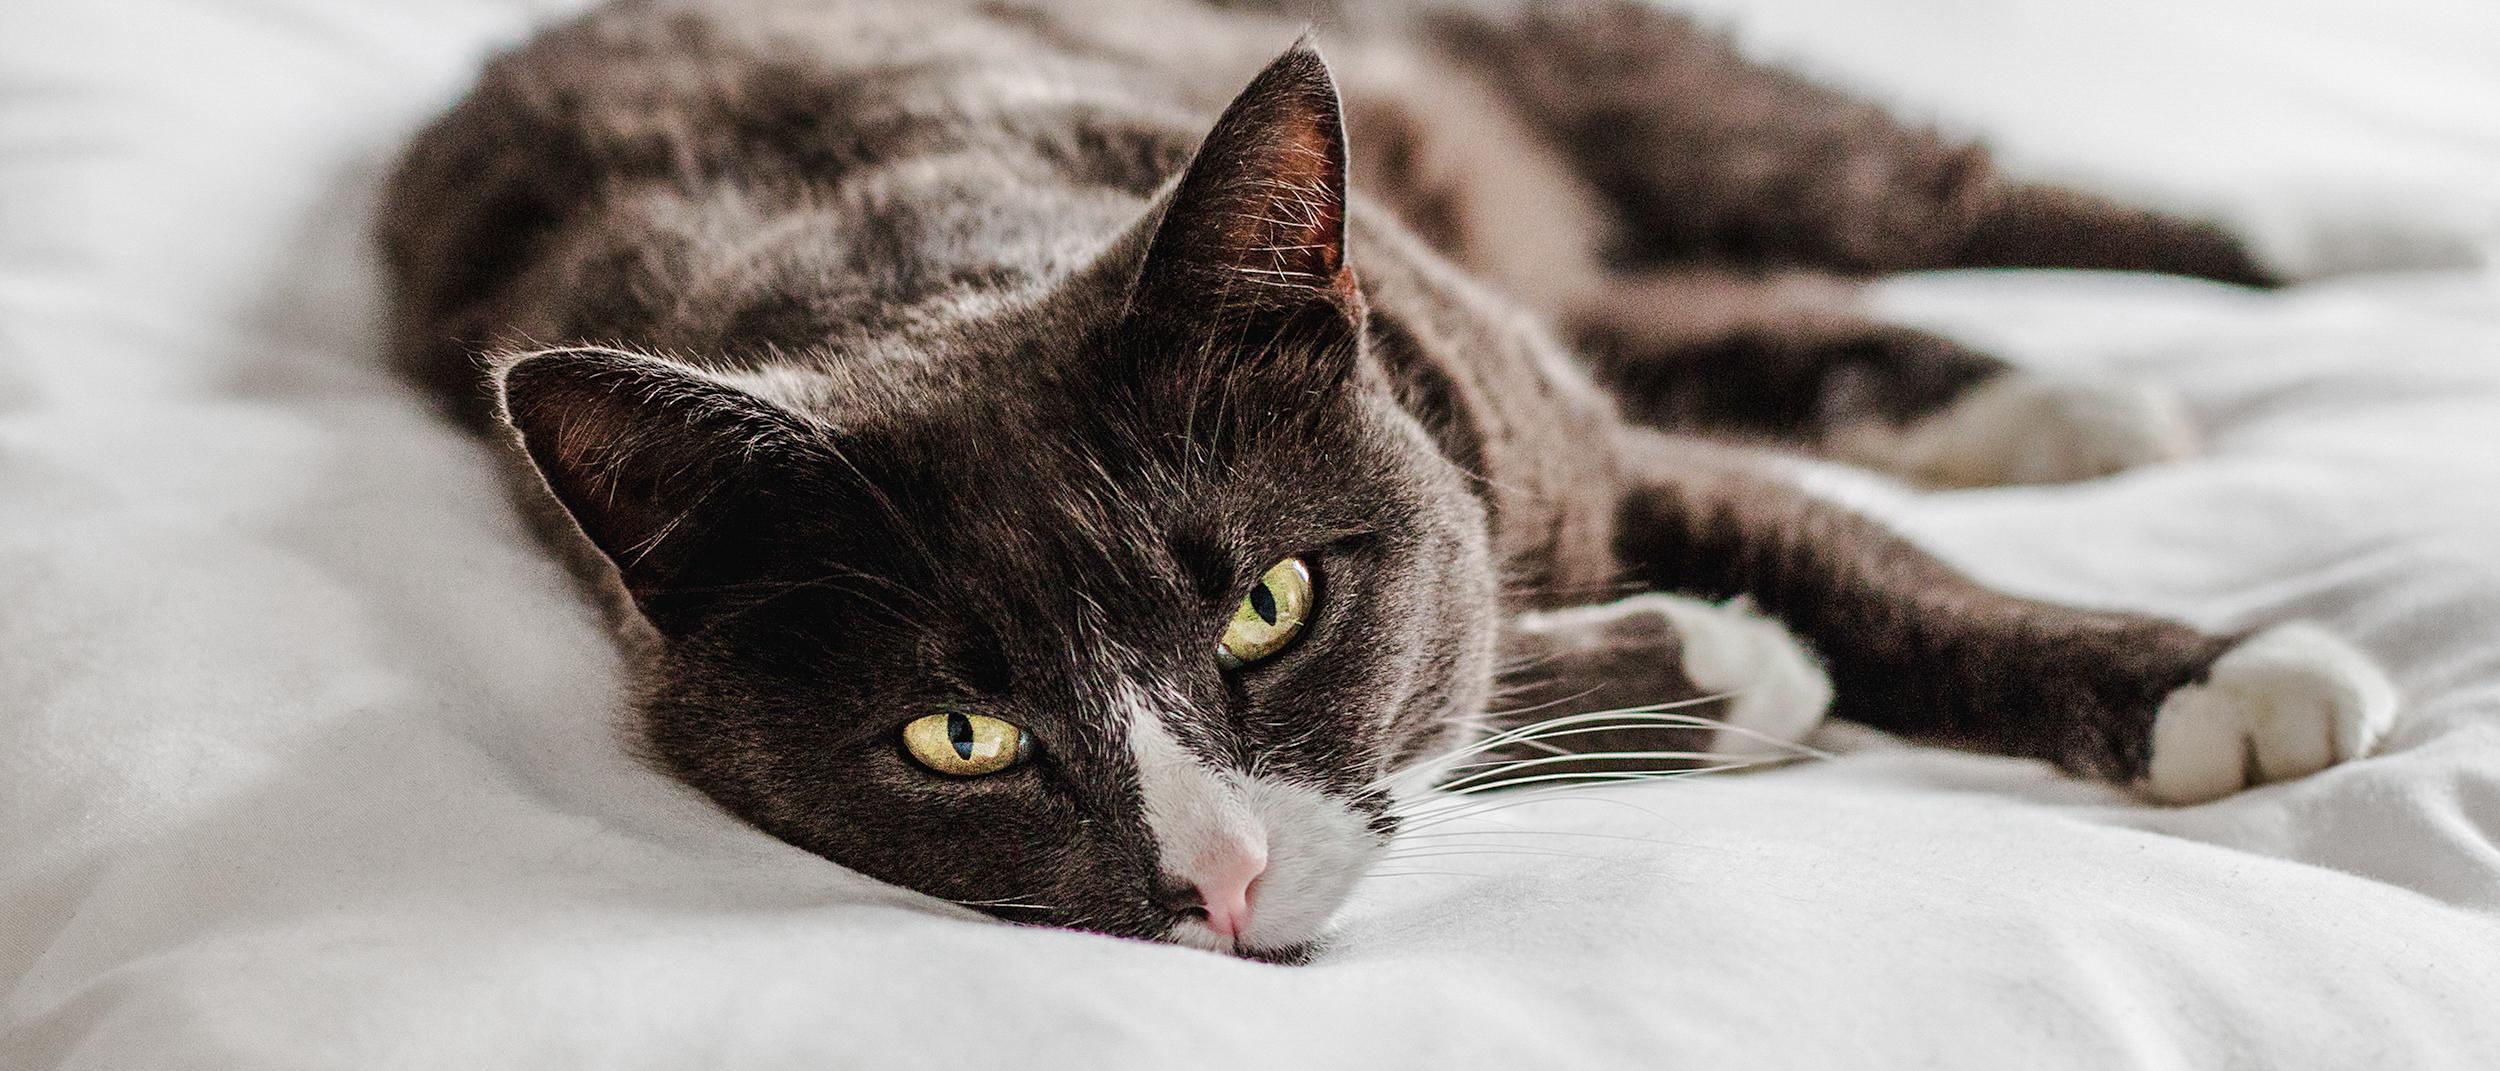 mi van, ha a macskának merevedése van